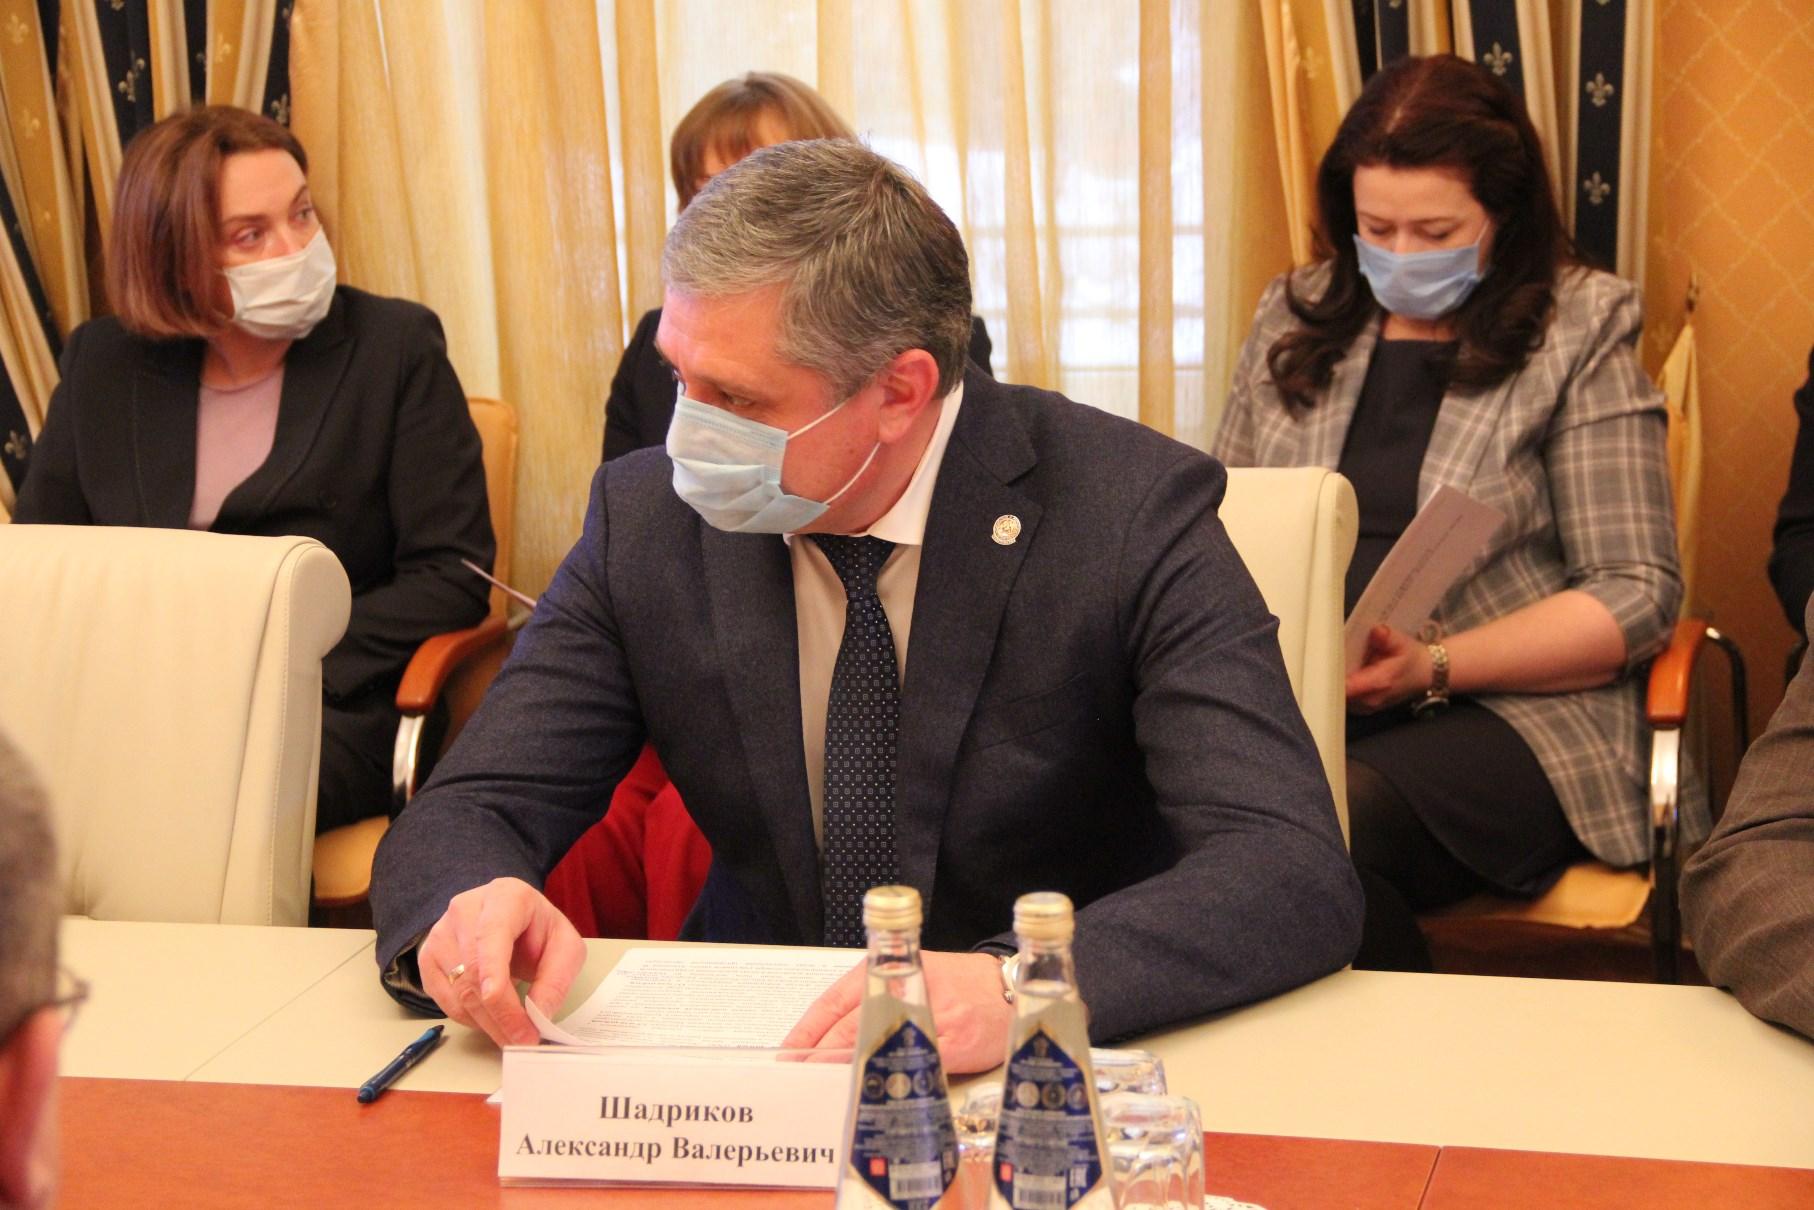 Заседание Коллегии Счетной палаты Республики Татарстан (26 декабря 2020 года)